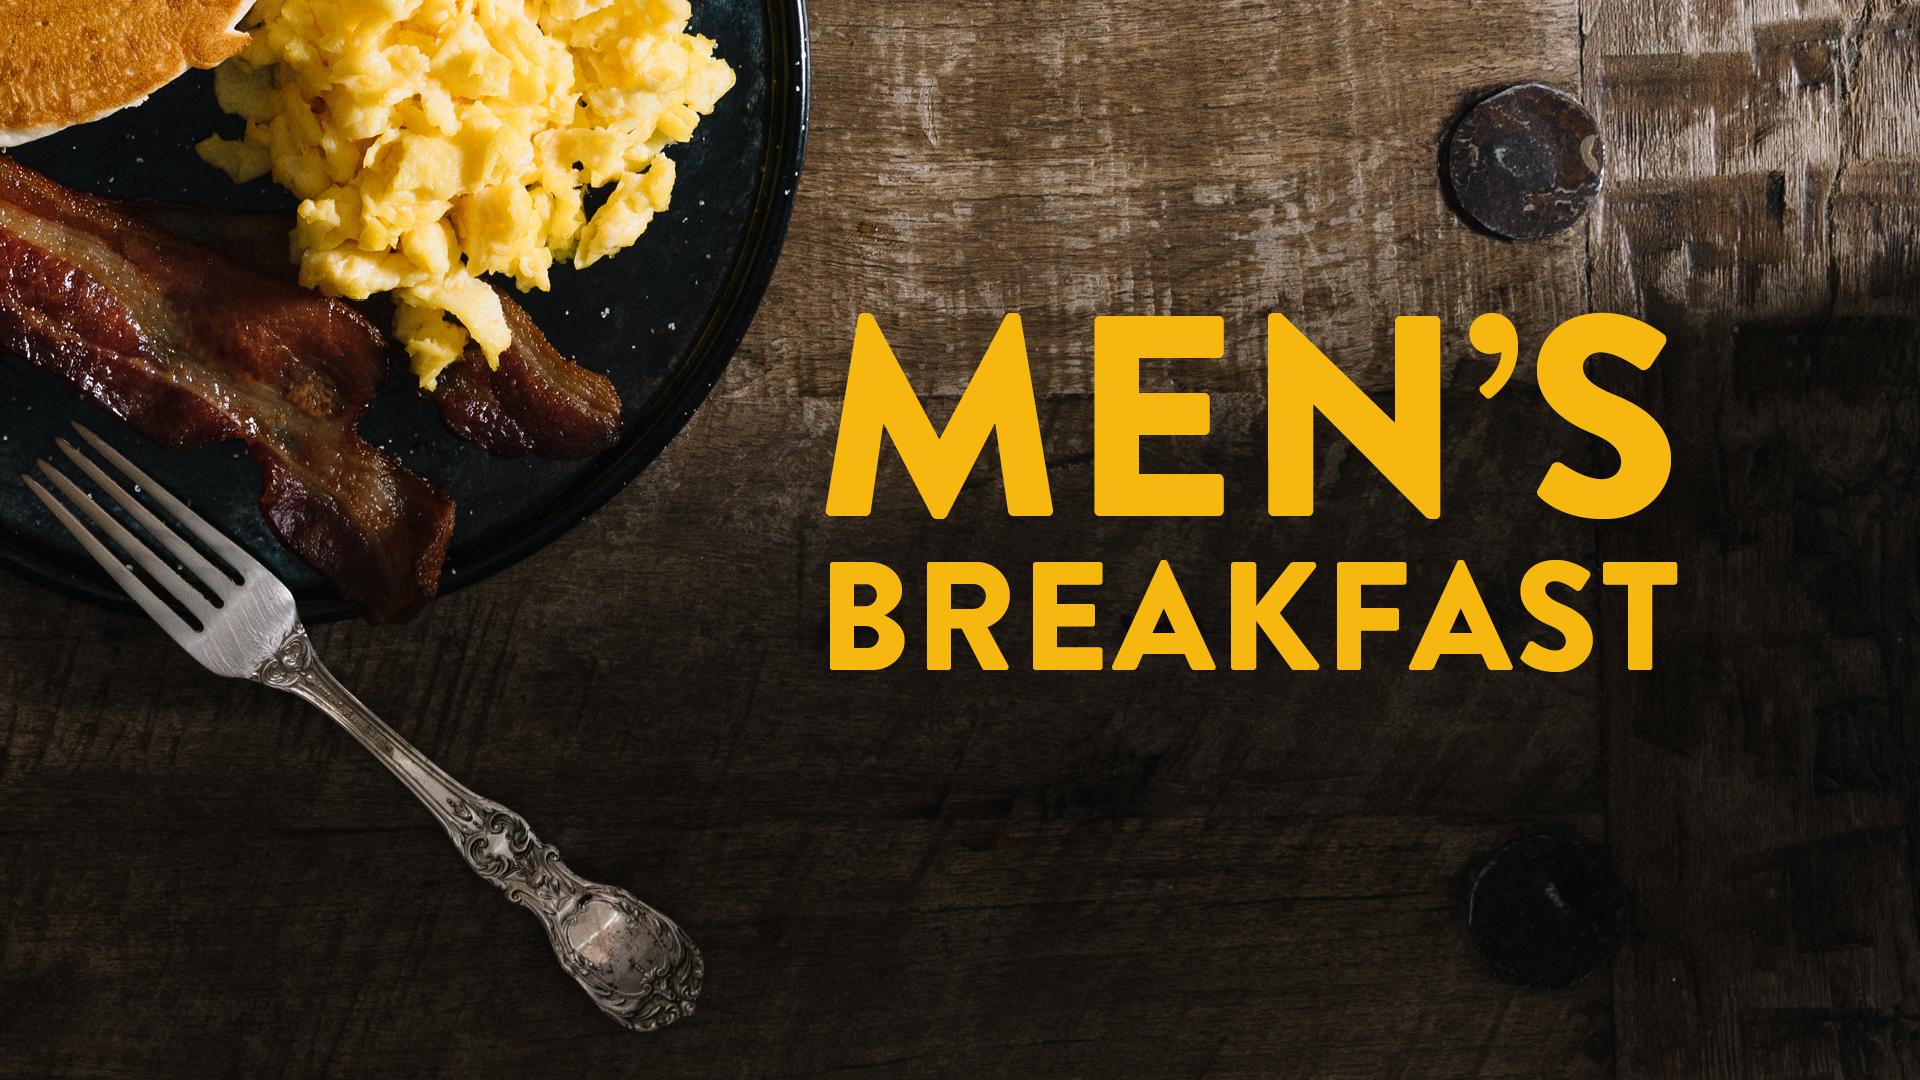 Men's Breakfast 600x.jpg